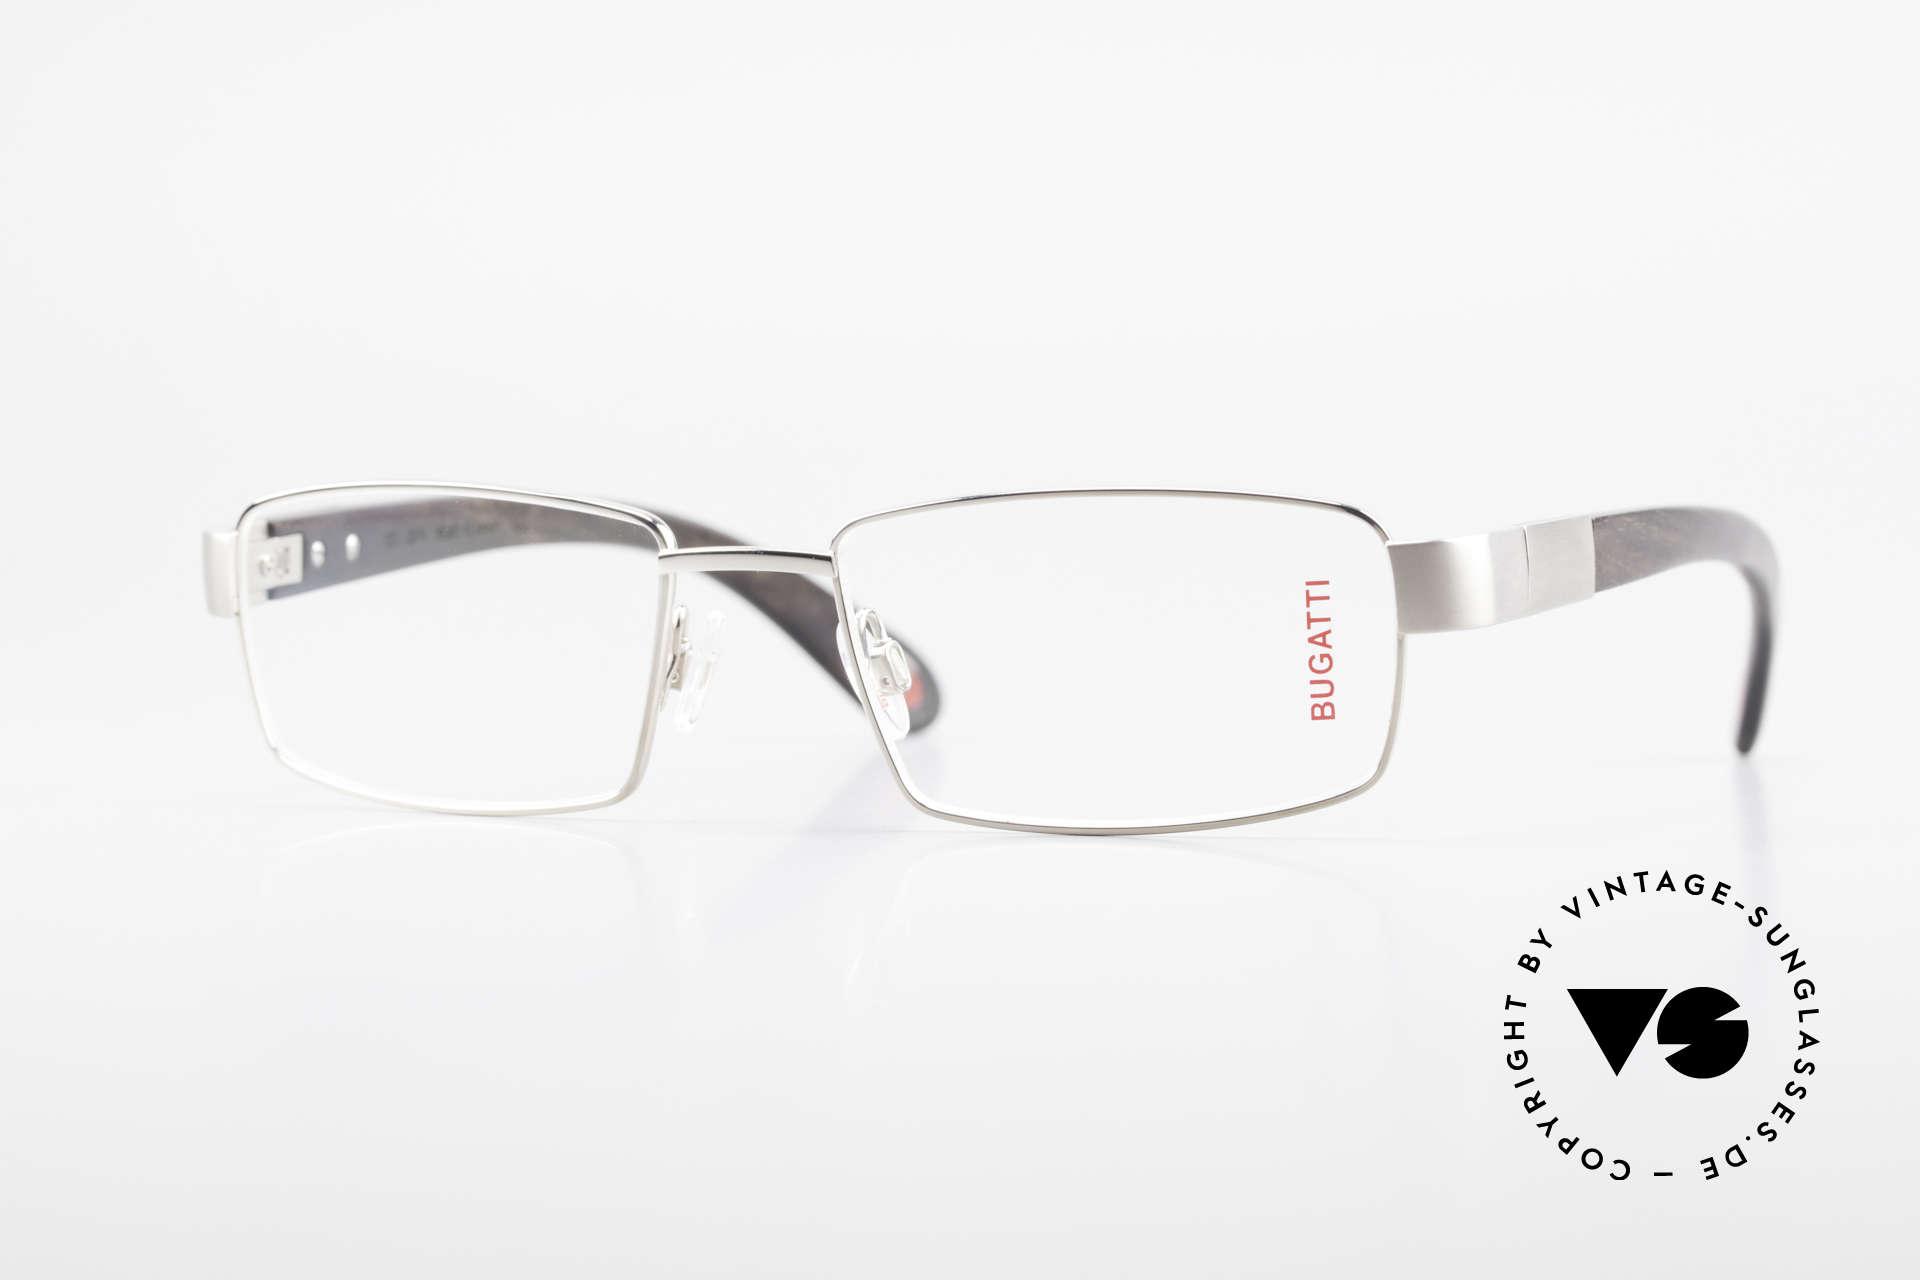 Bugatti 531 Ebony Titan Frame Palladium, luxury eyeglasses by BUGATTI, TOP-NOTCH quality, Made for Men